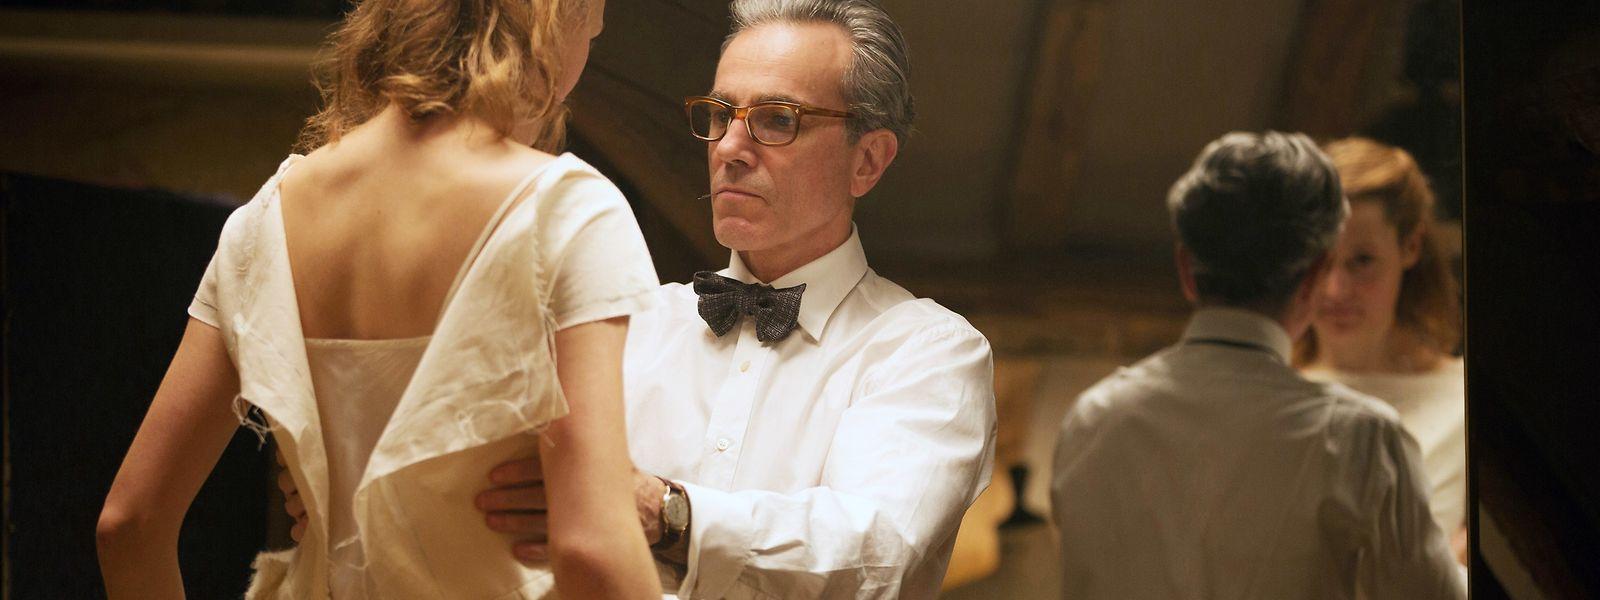 Daniel Day-Lewis a preparar um vestido para a noite dos Oscares.